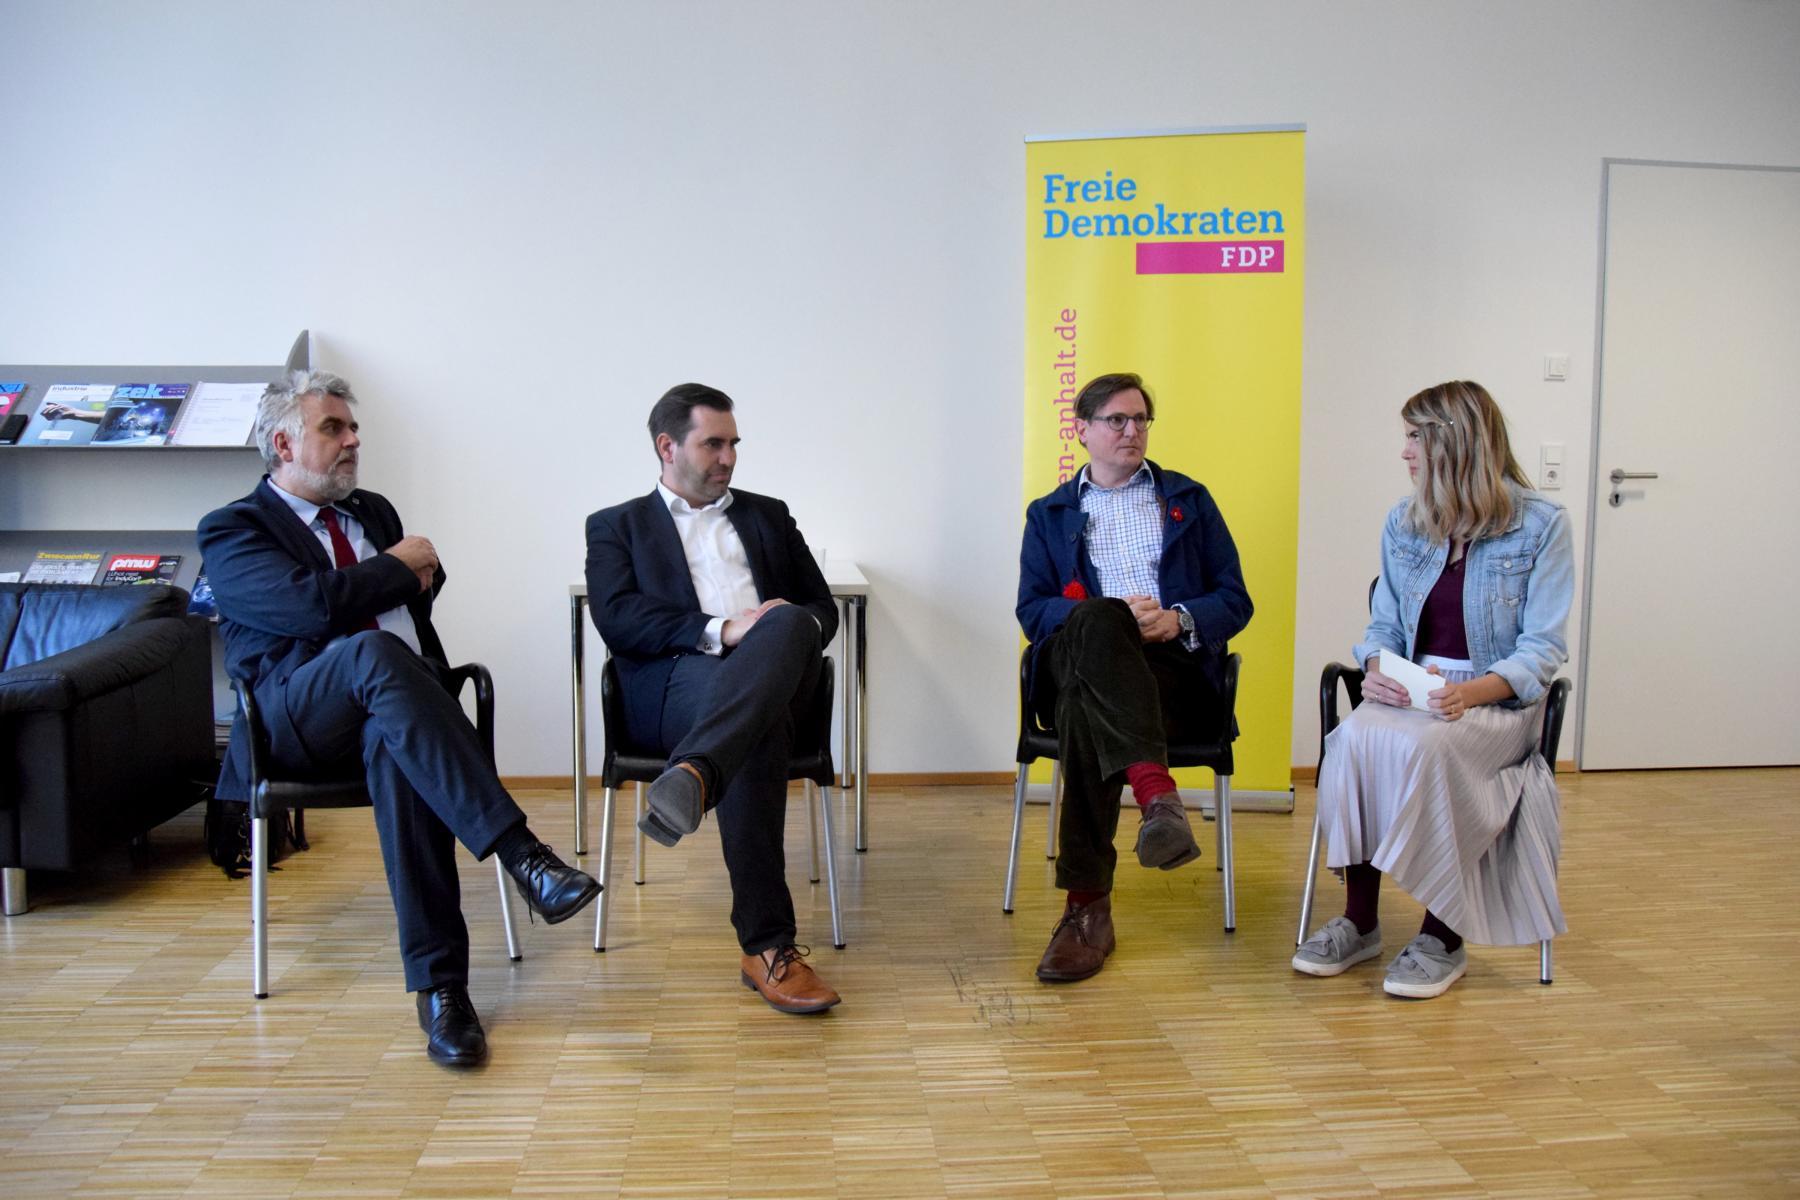 Podiumsdebatte zu Digitalisierung am 5.3.2019